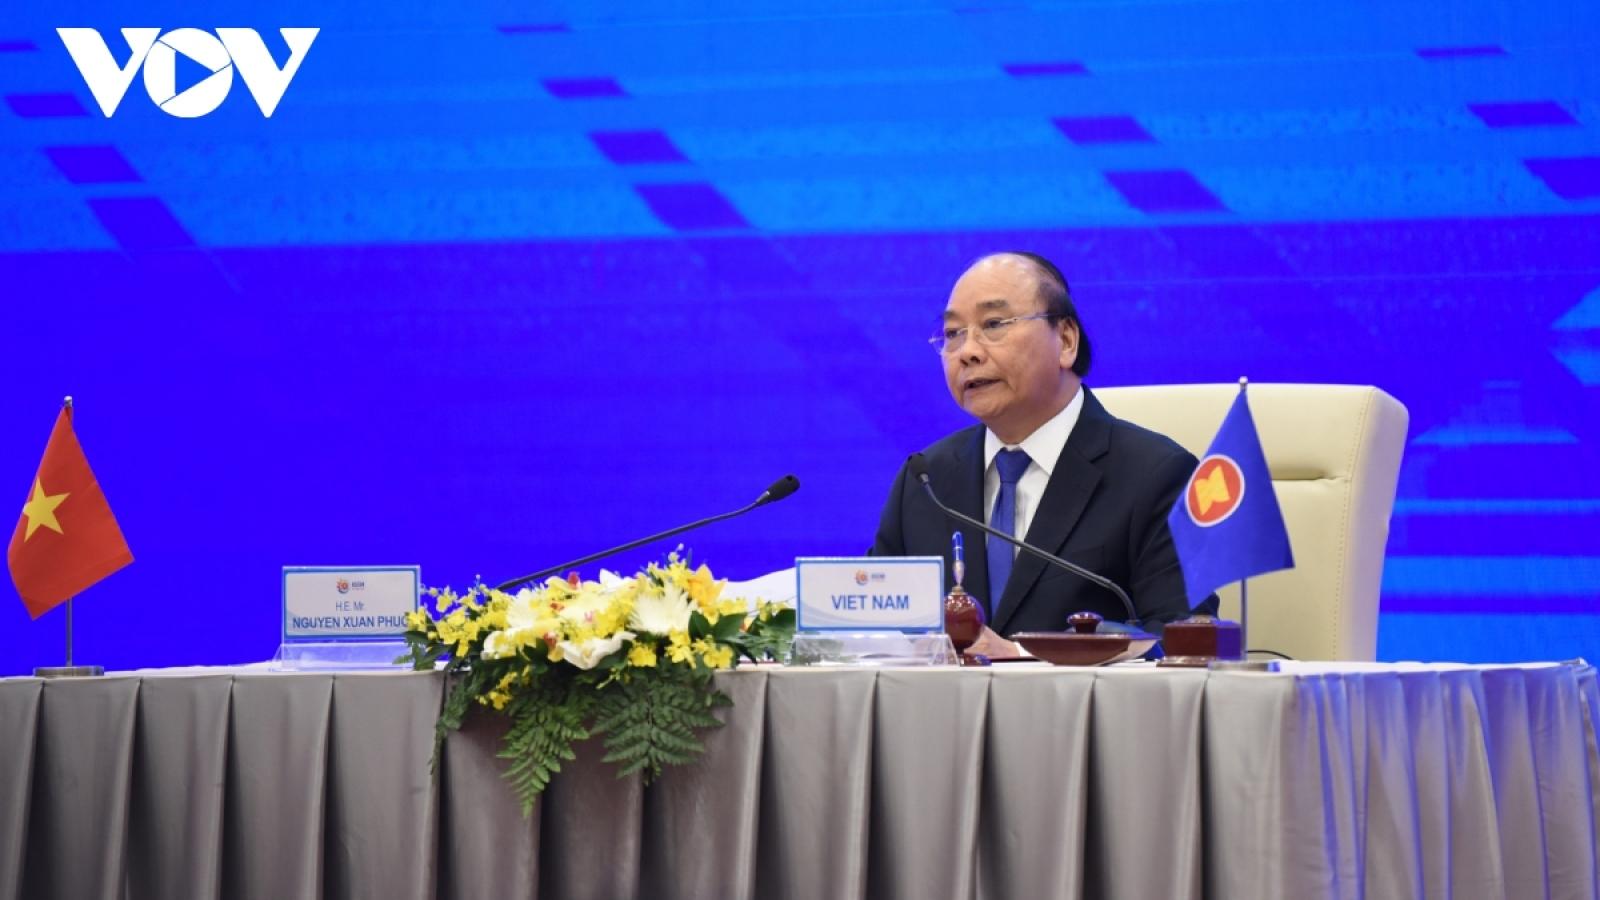 Ký kết RCEP- FTA thế hệ mới tham vọng nhất do ASEAN khởi xướng